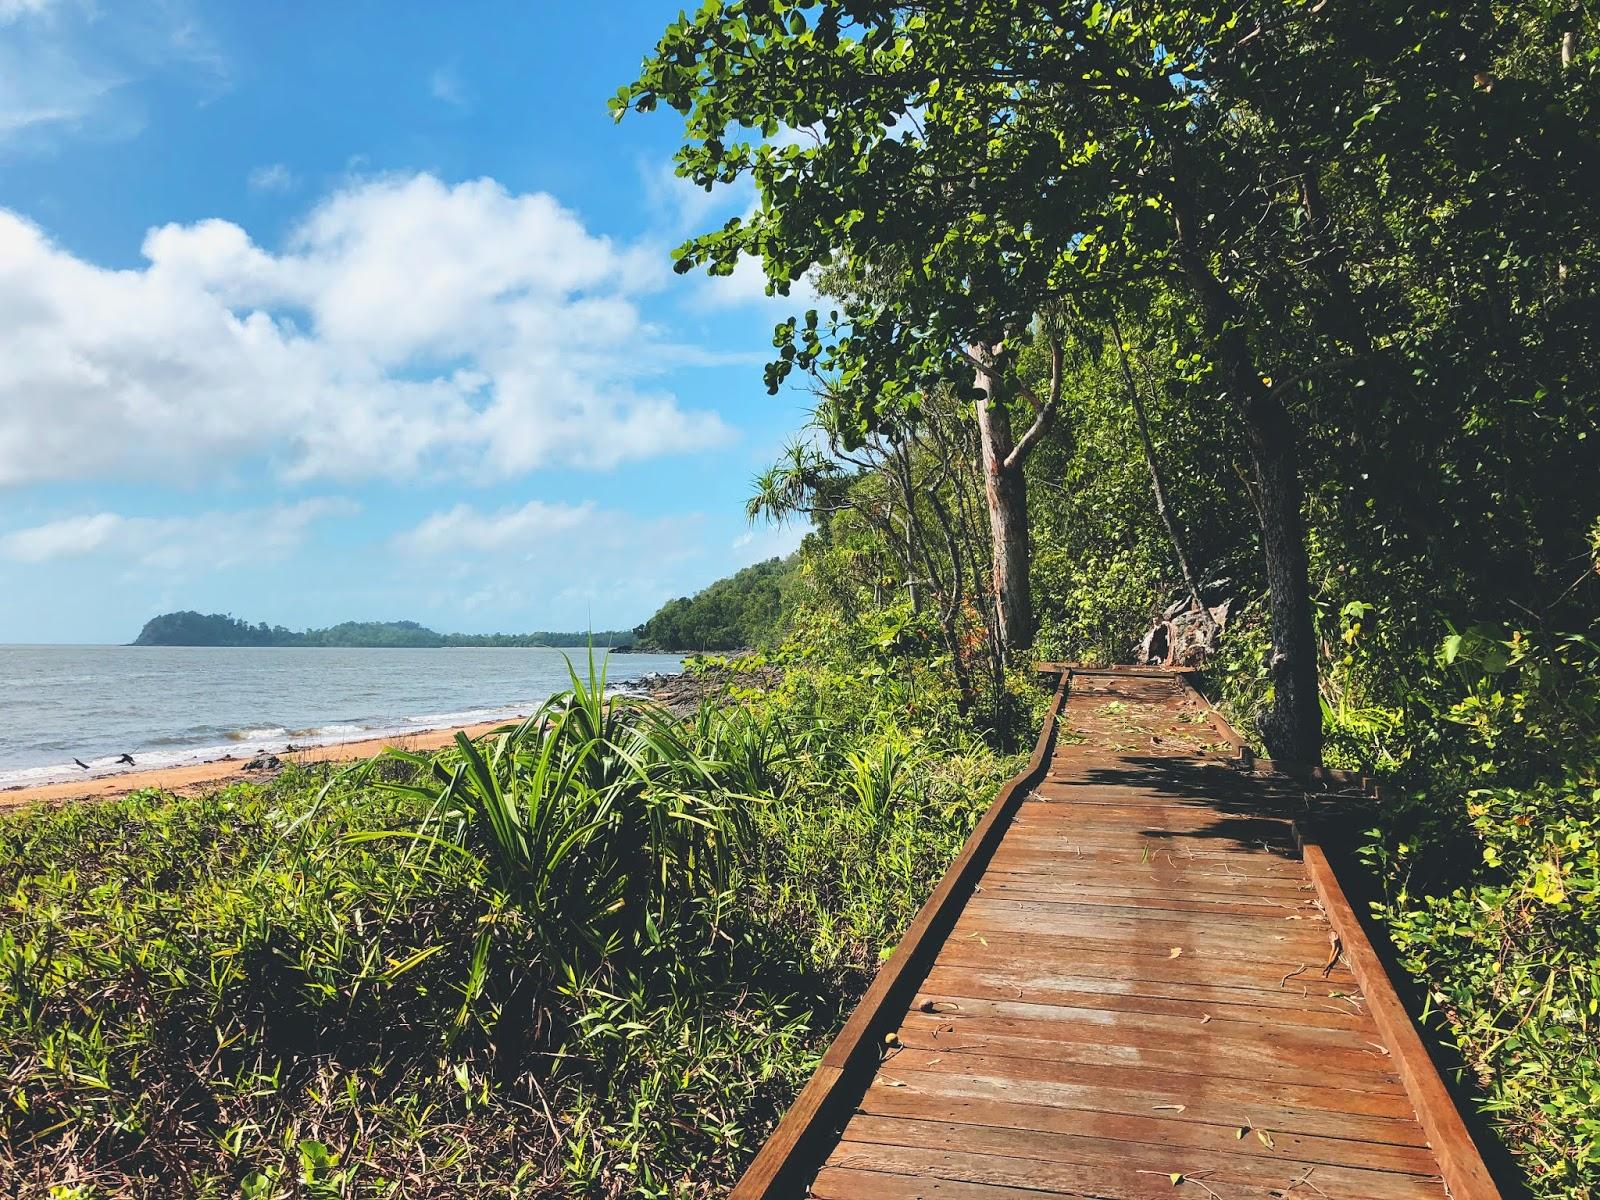 Zdjęcie drewnianej ścieżki Kennedy Walking Track w australijskim miasteczku Mission Beach. Po lewej stornie Morze Koralowe z plażą. Bujna egzotyczna roślinność przecina drogę i rośnie wzdłuż ścieżki, która znajduje się po prawej stornie.